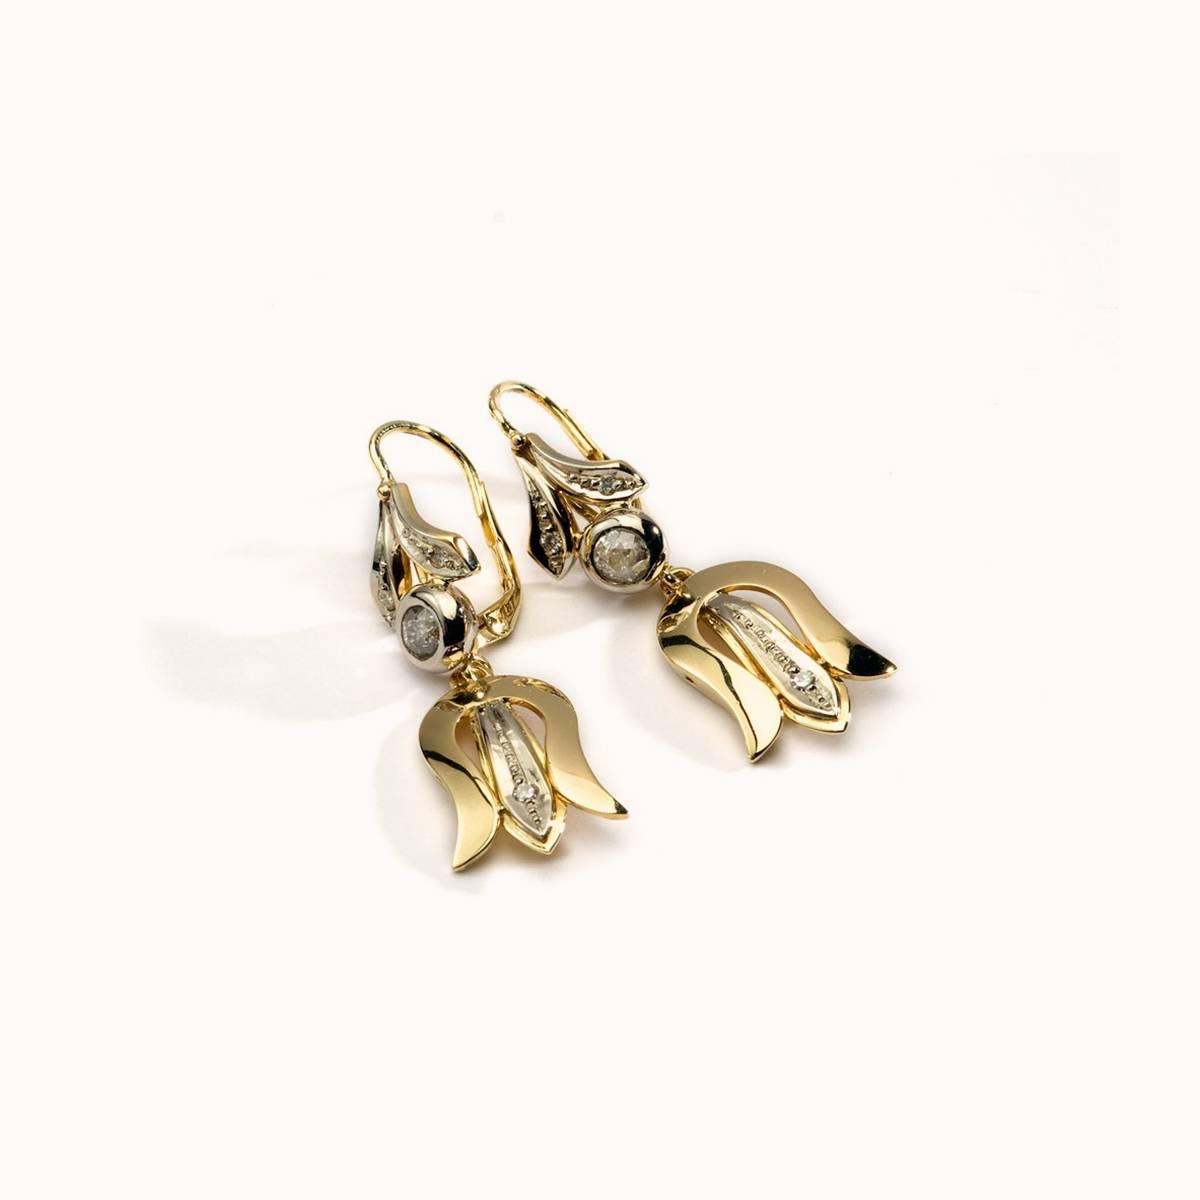 14 karátos sárga-fehér arany fülbevaló gyémantokkal